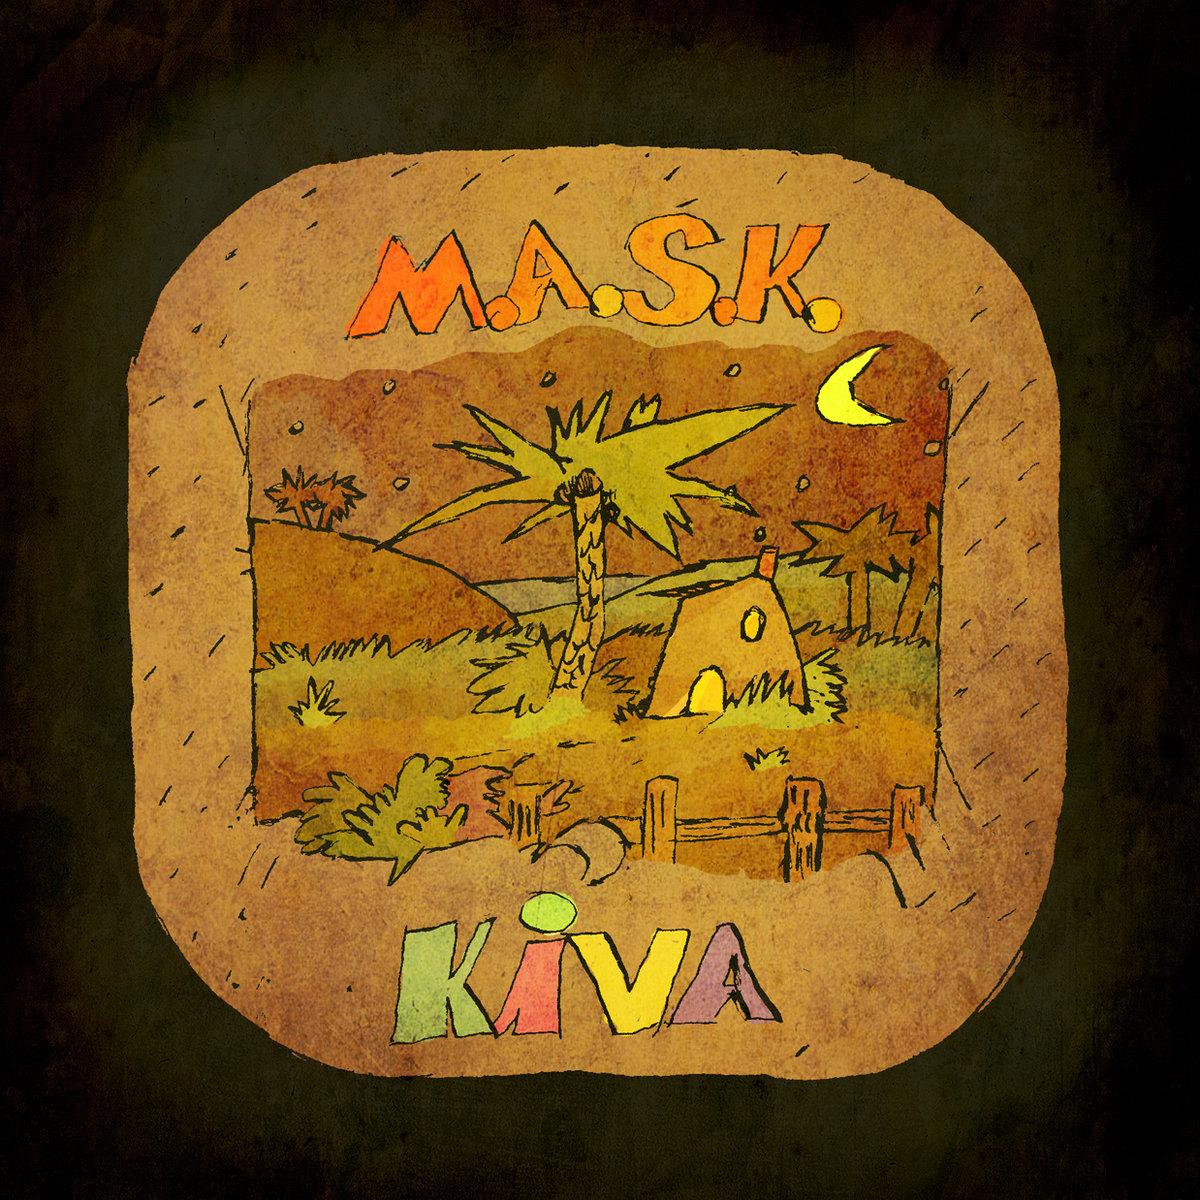 M.A.S.K. - Kiva